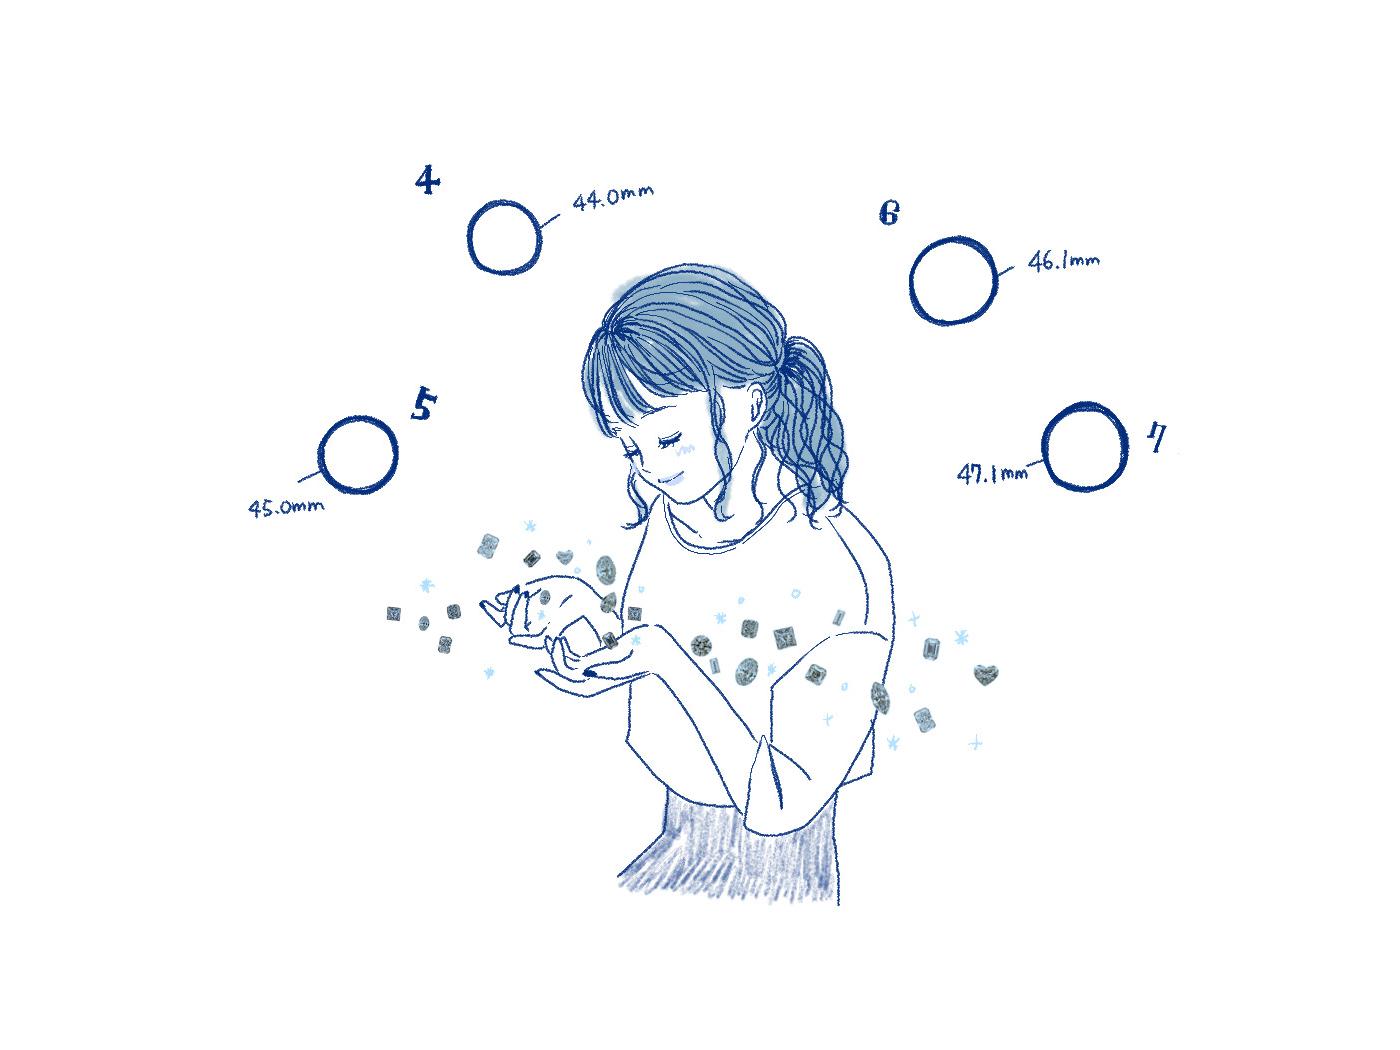 たくさんのダイヤを見る女性のイラスト